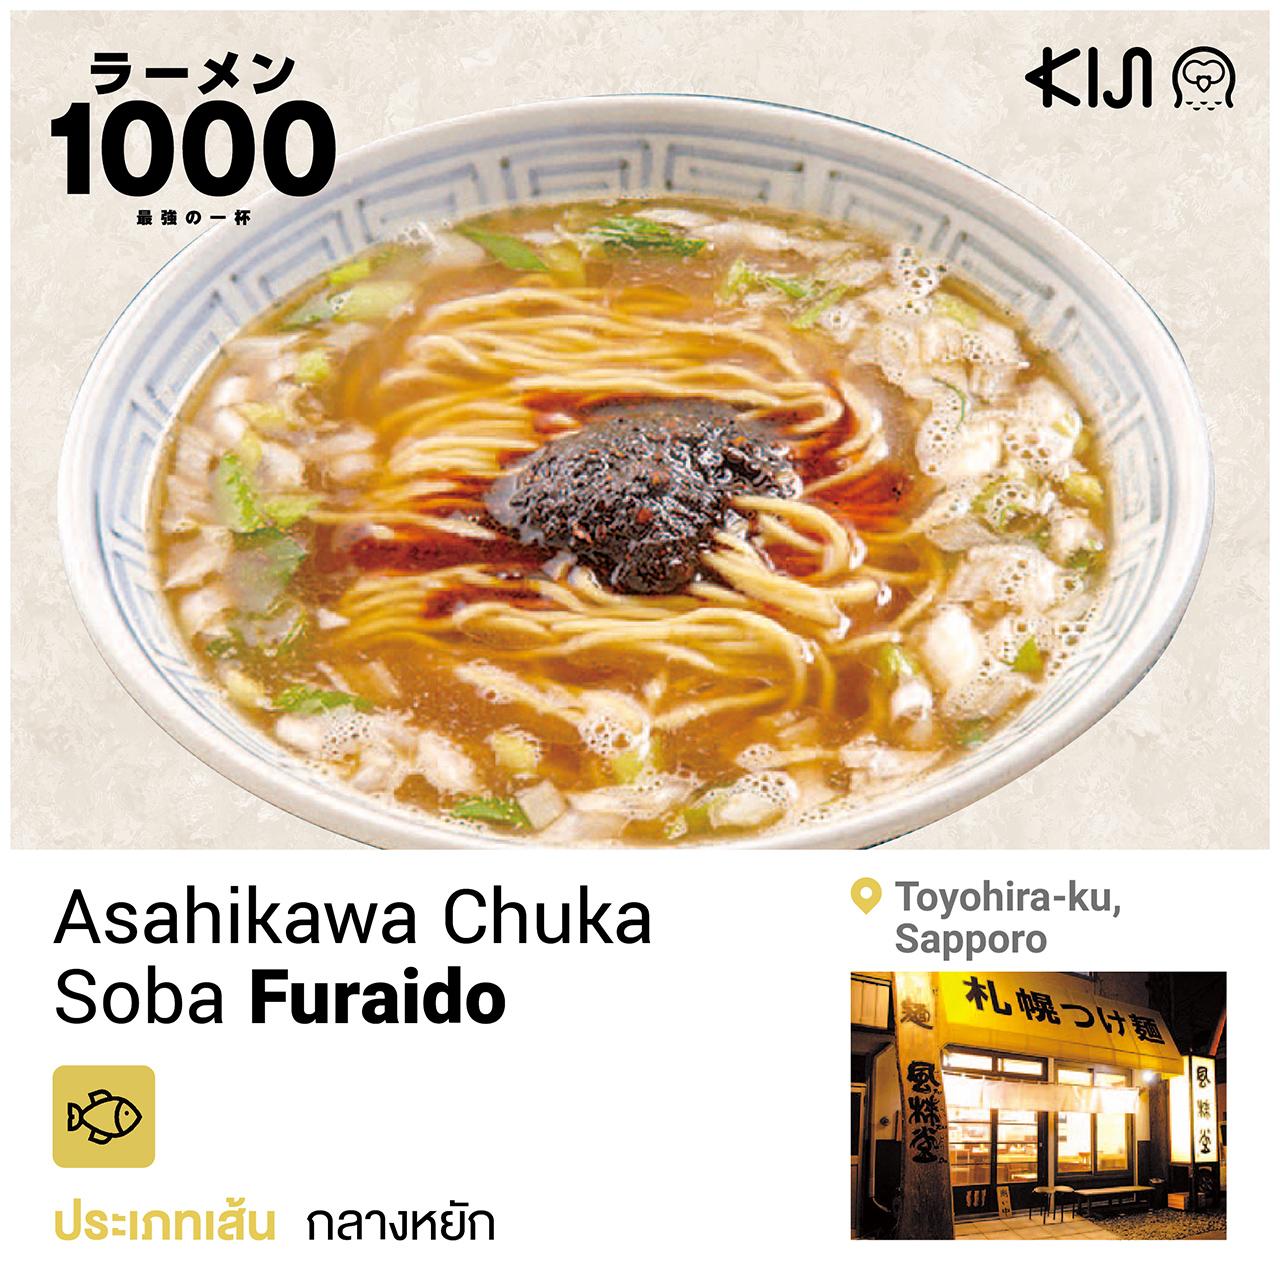 ร้านราเมนในฮอกไกโด - Asahikawa Chuka Soba Furaido